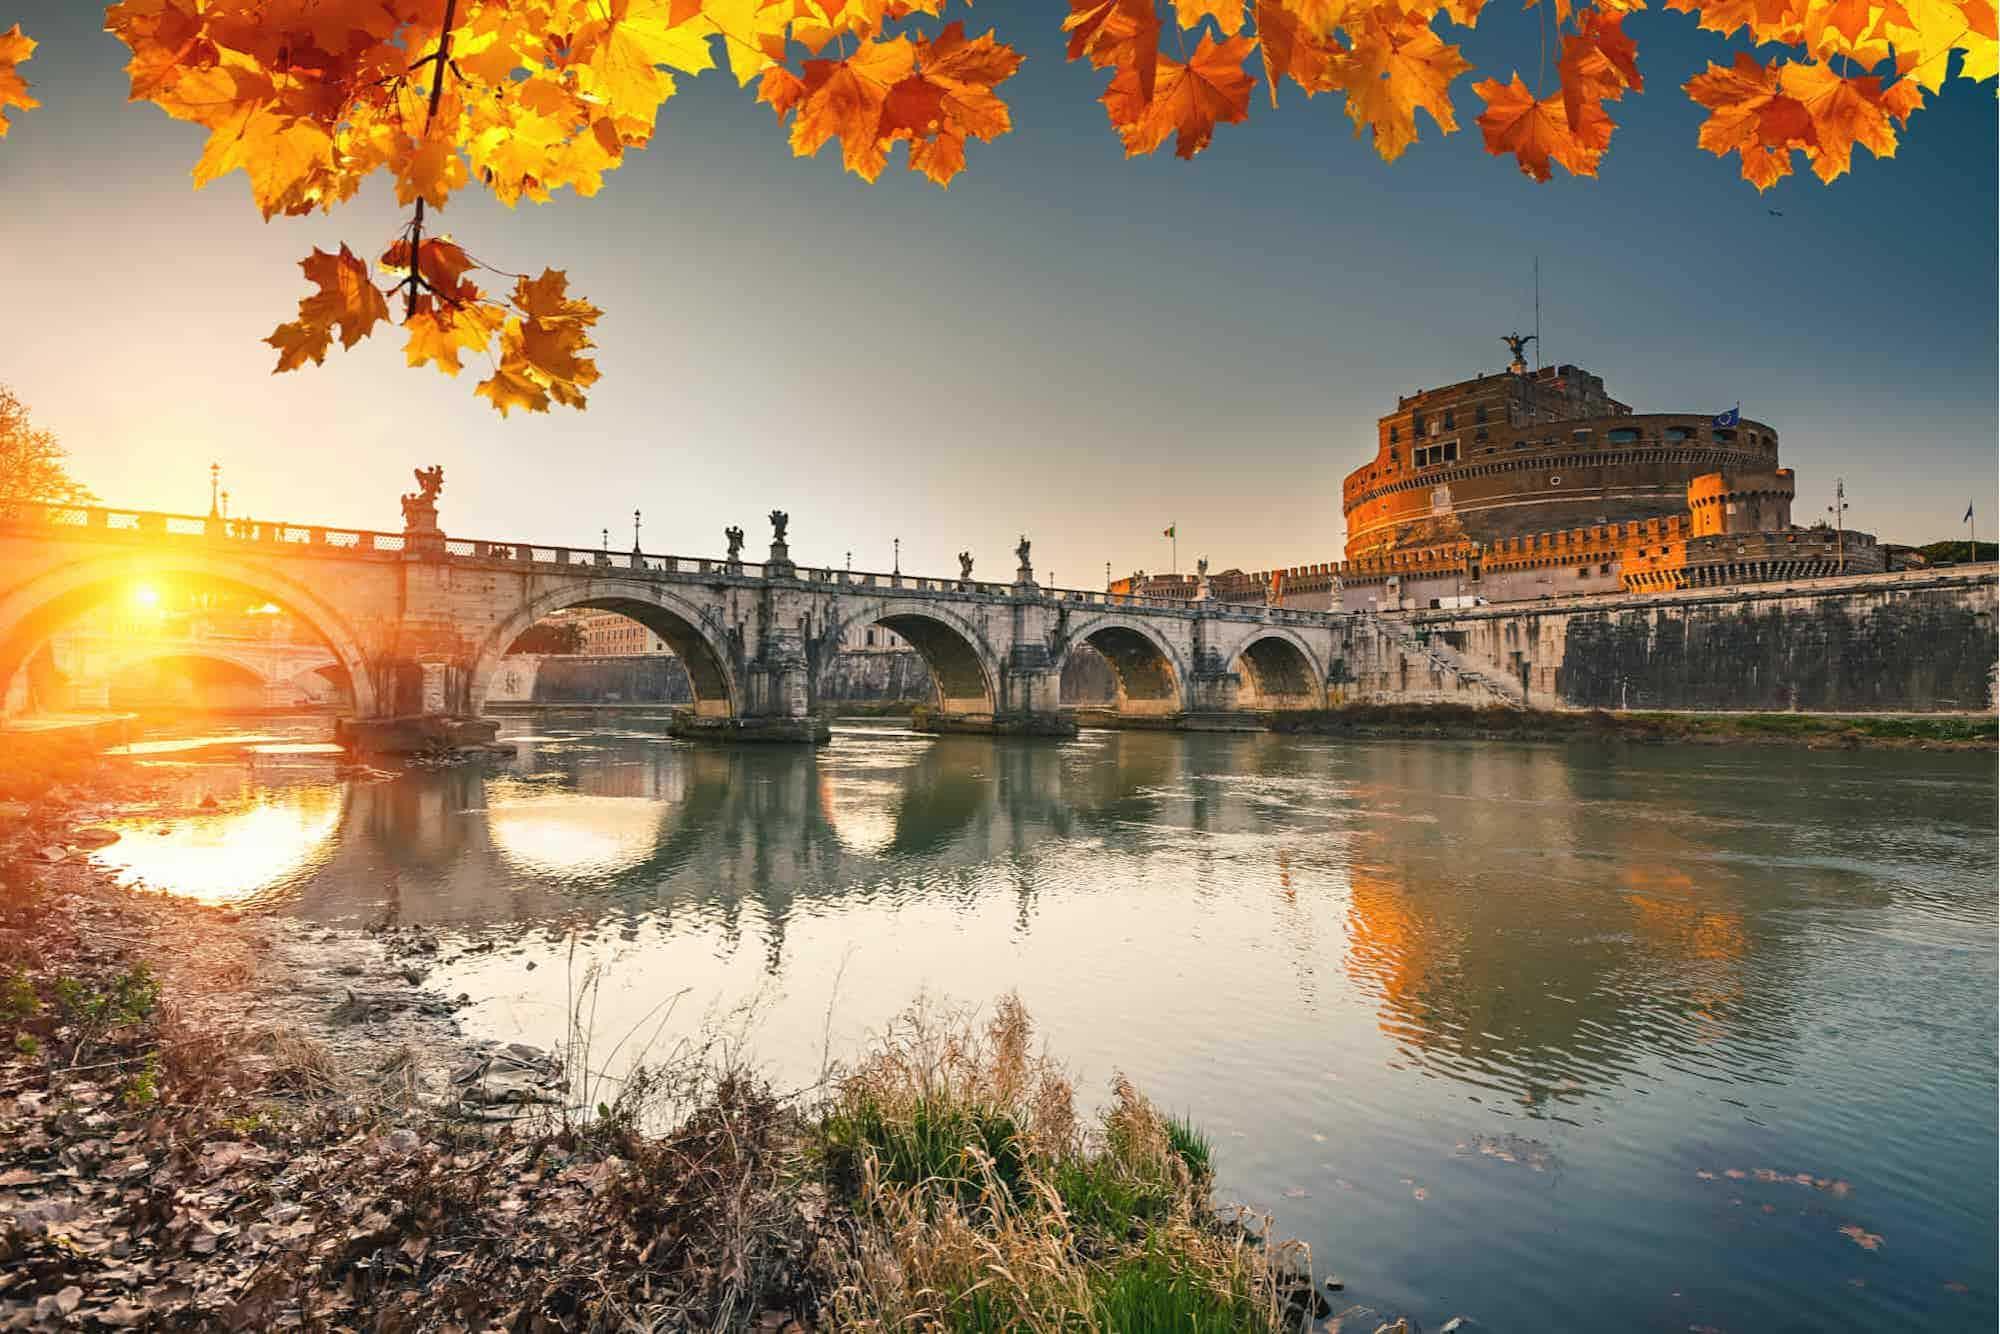 Vista sobre Ponte Santo Ângelo e Coliseu de Roma